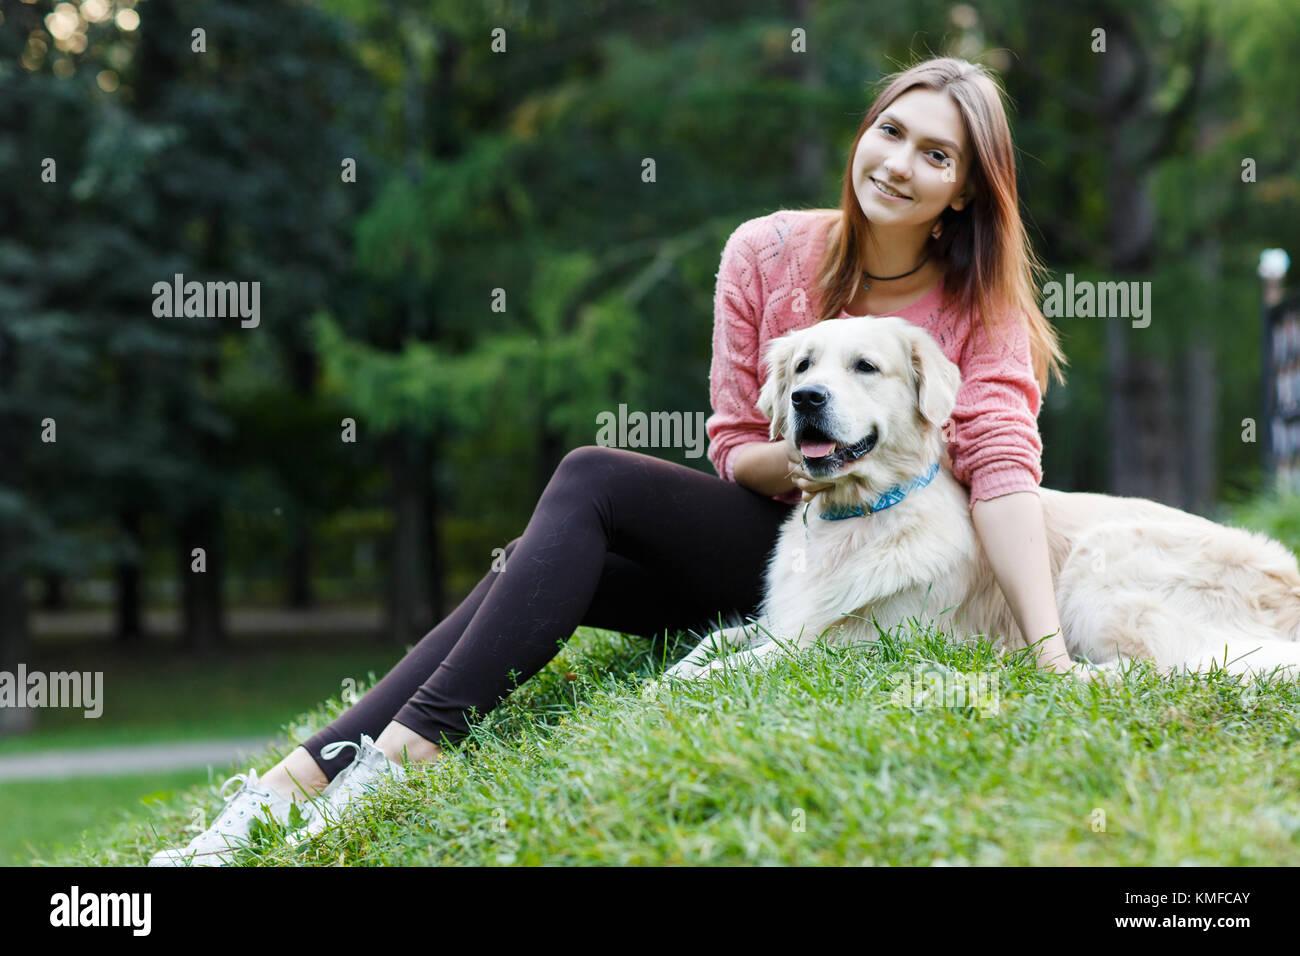 Foto von Frau und Hund sitzen auf Rasen Stockbild